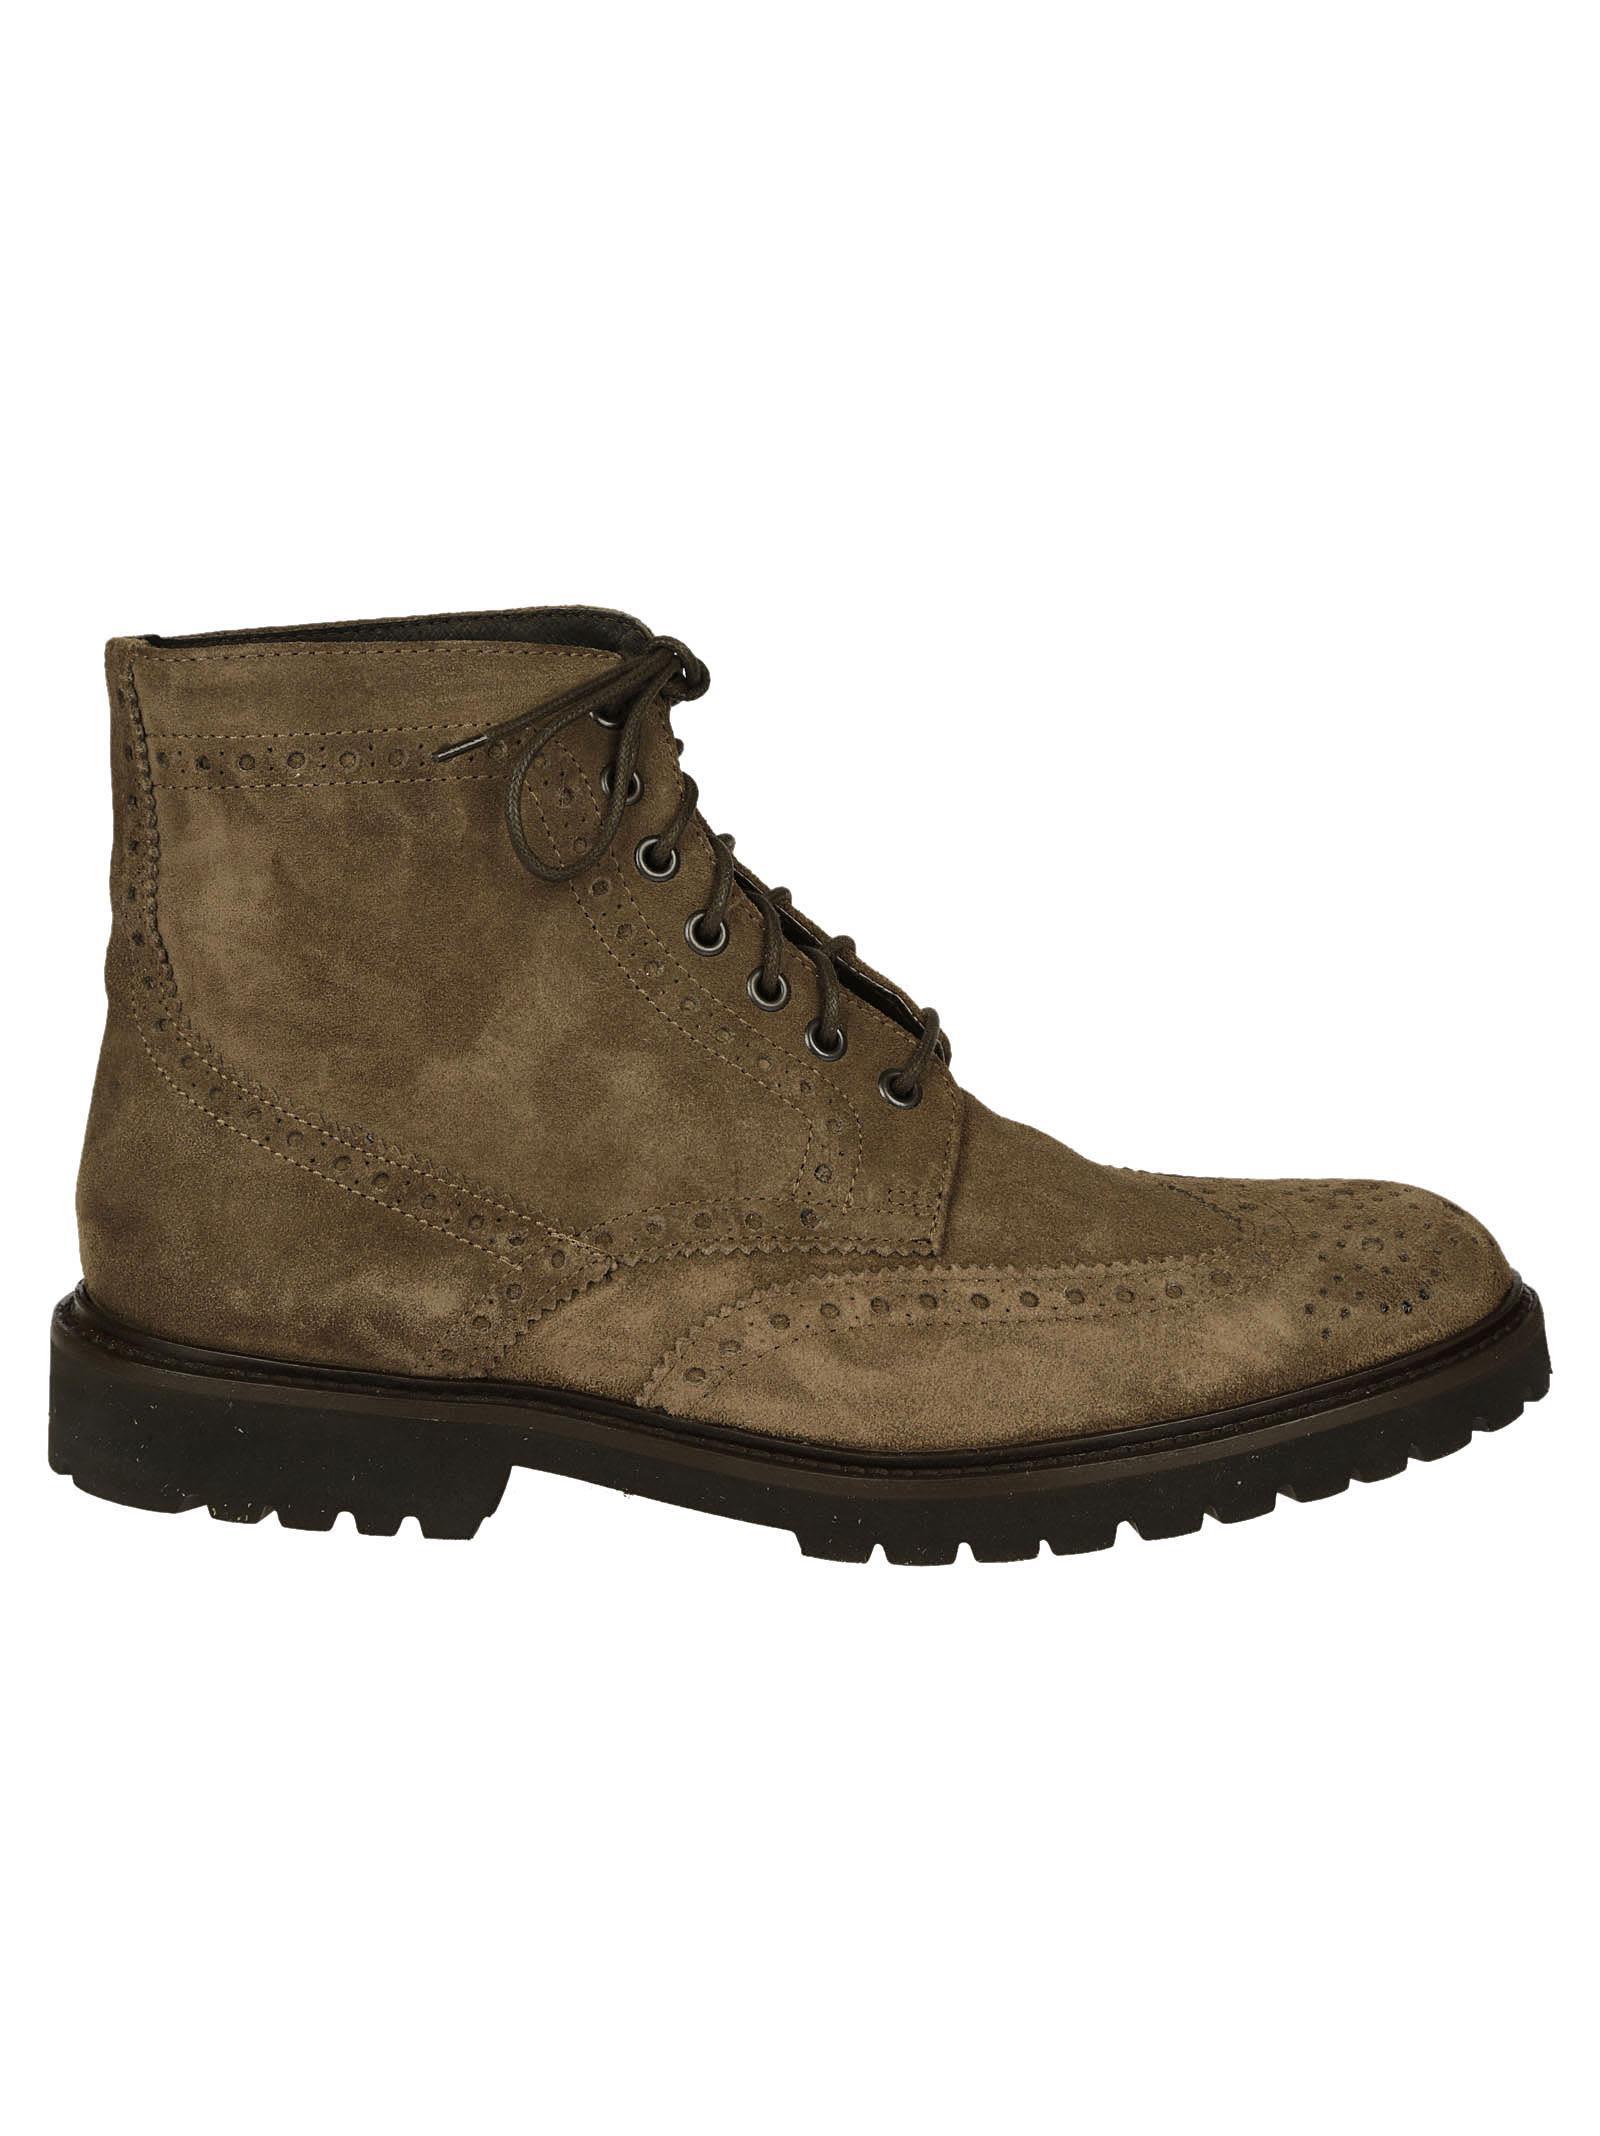 Florsheim Freeman Lace-up Boots